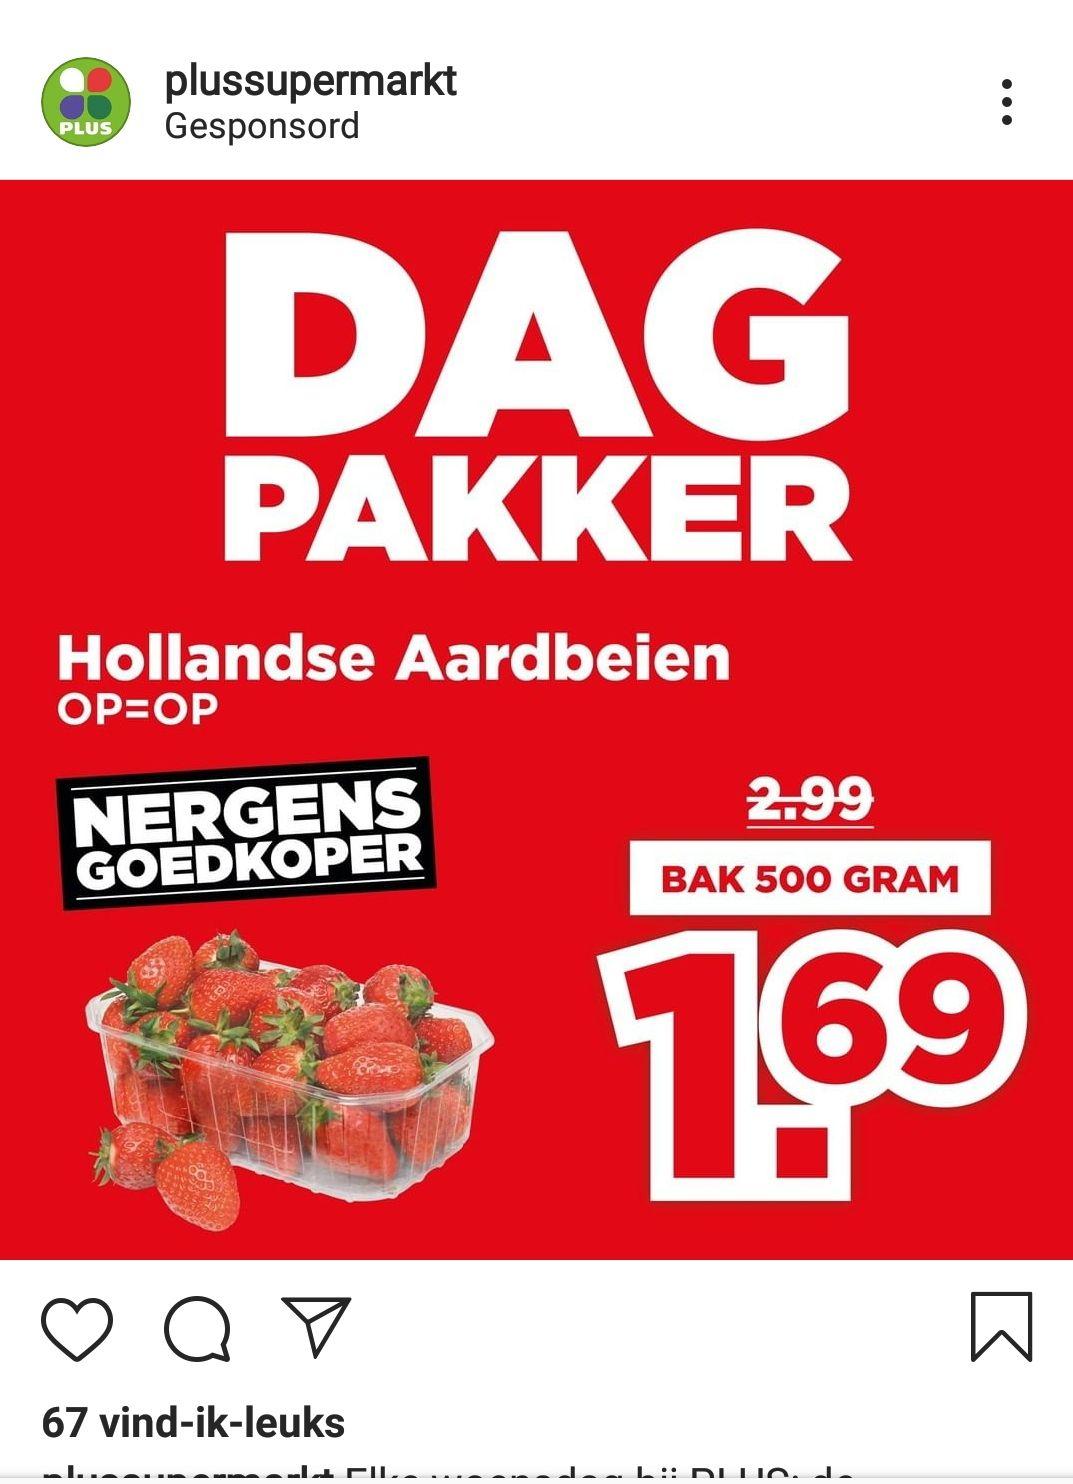 Woensdagpakker Plus; 500 gram aardbeien 1.69